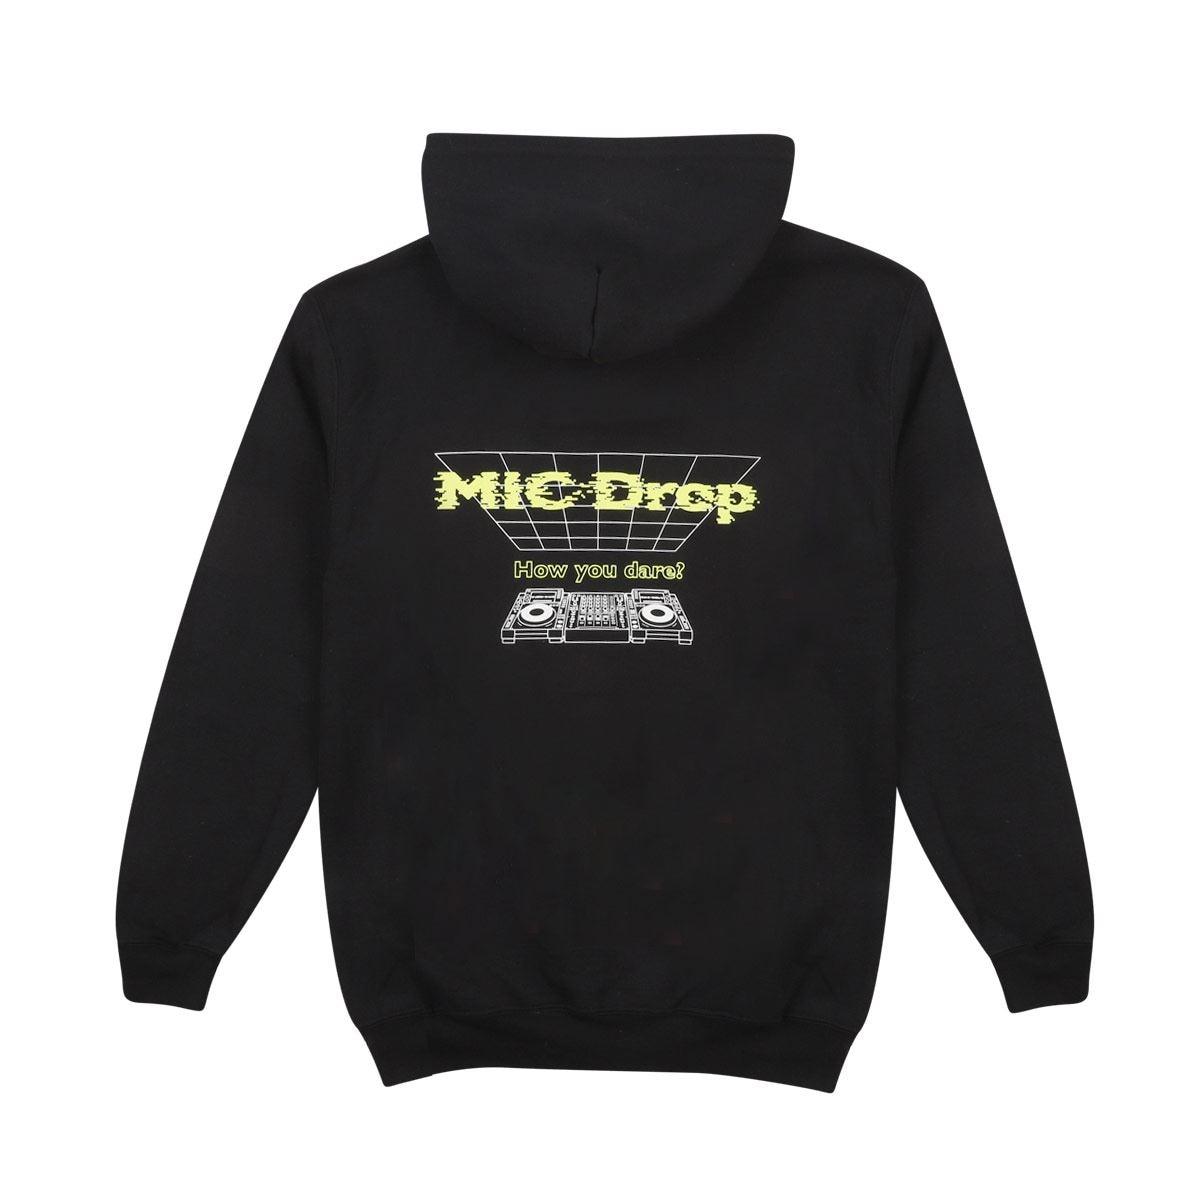 Sudadera con capucha bts mic drop 001 extra grande / BTS micdrop hoodie 001 xl